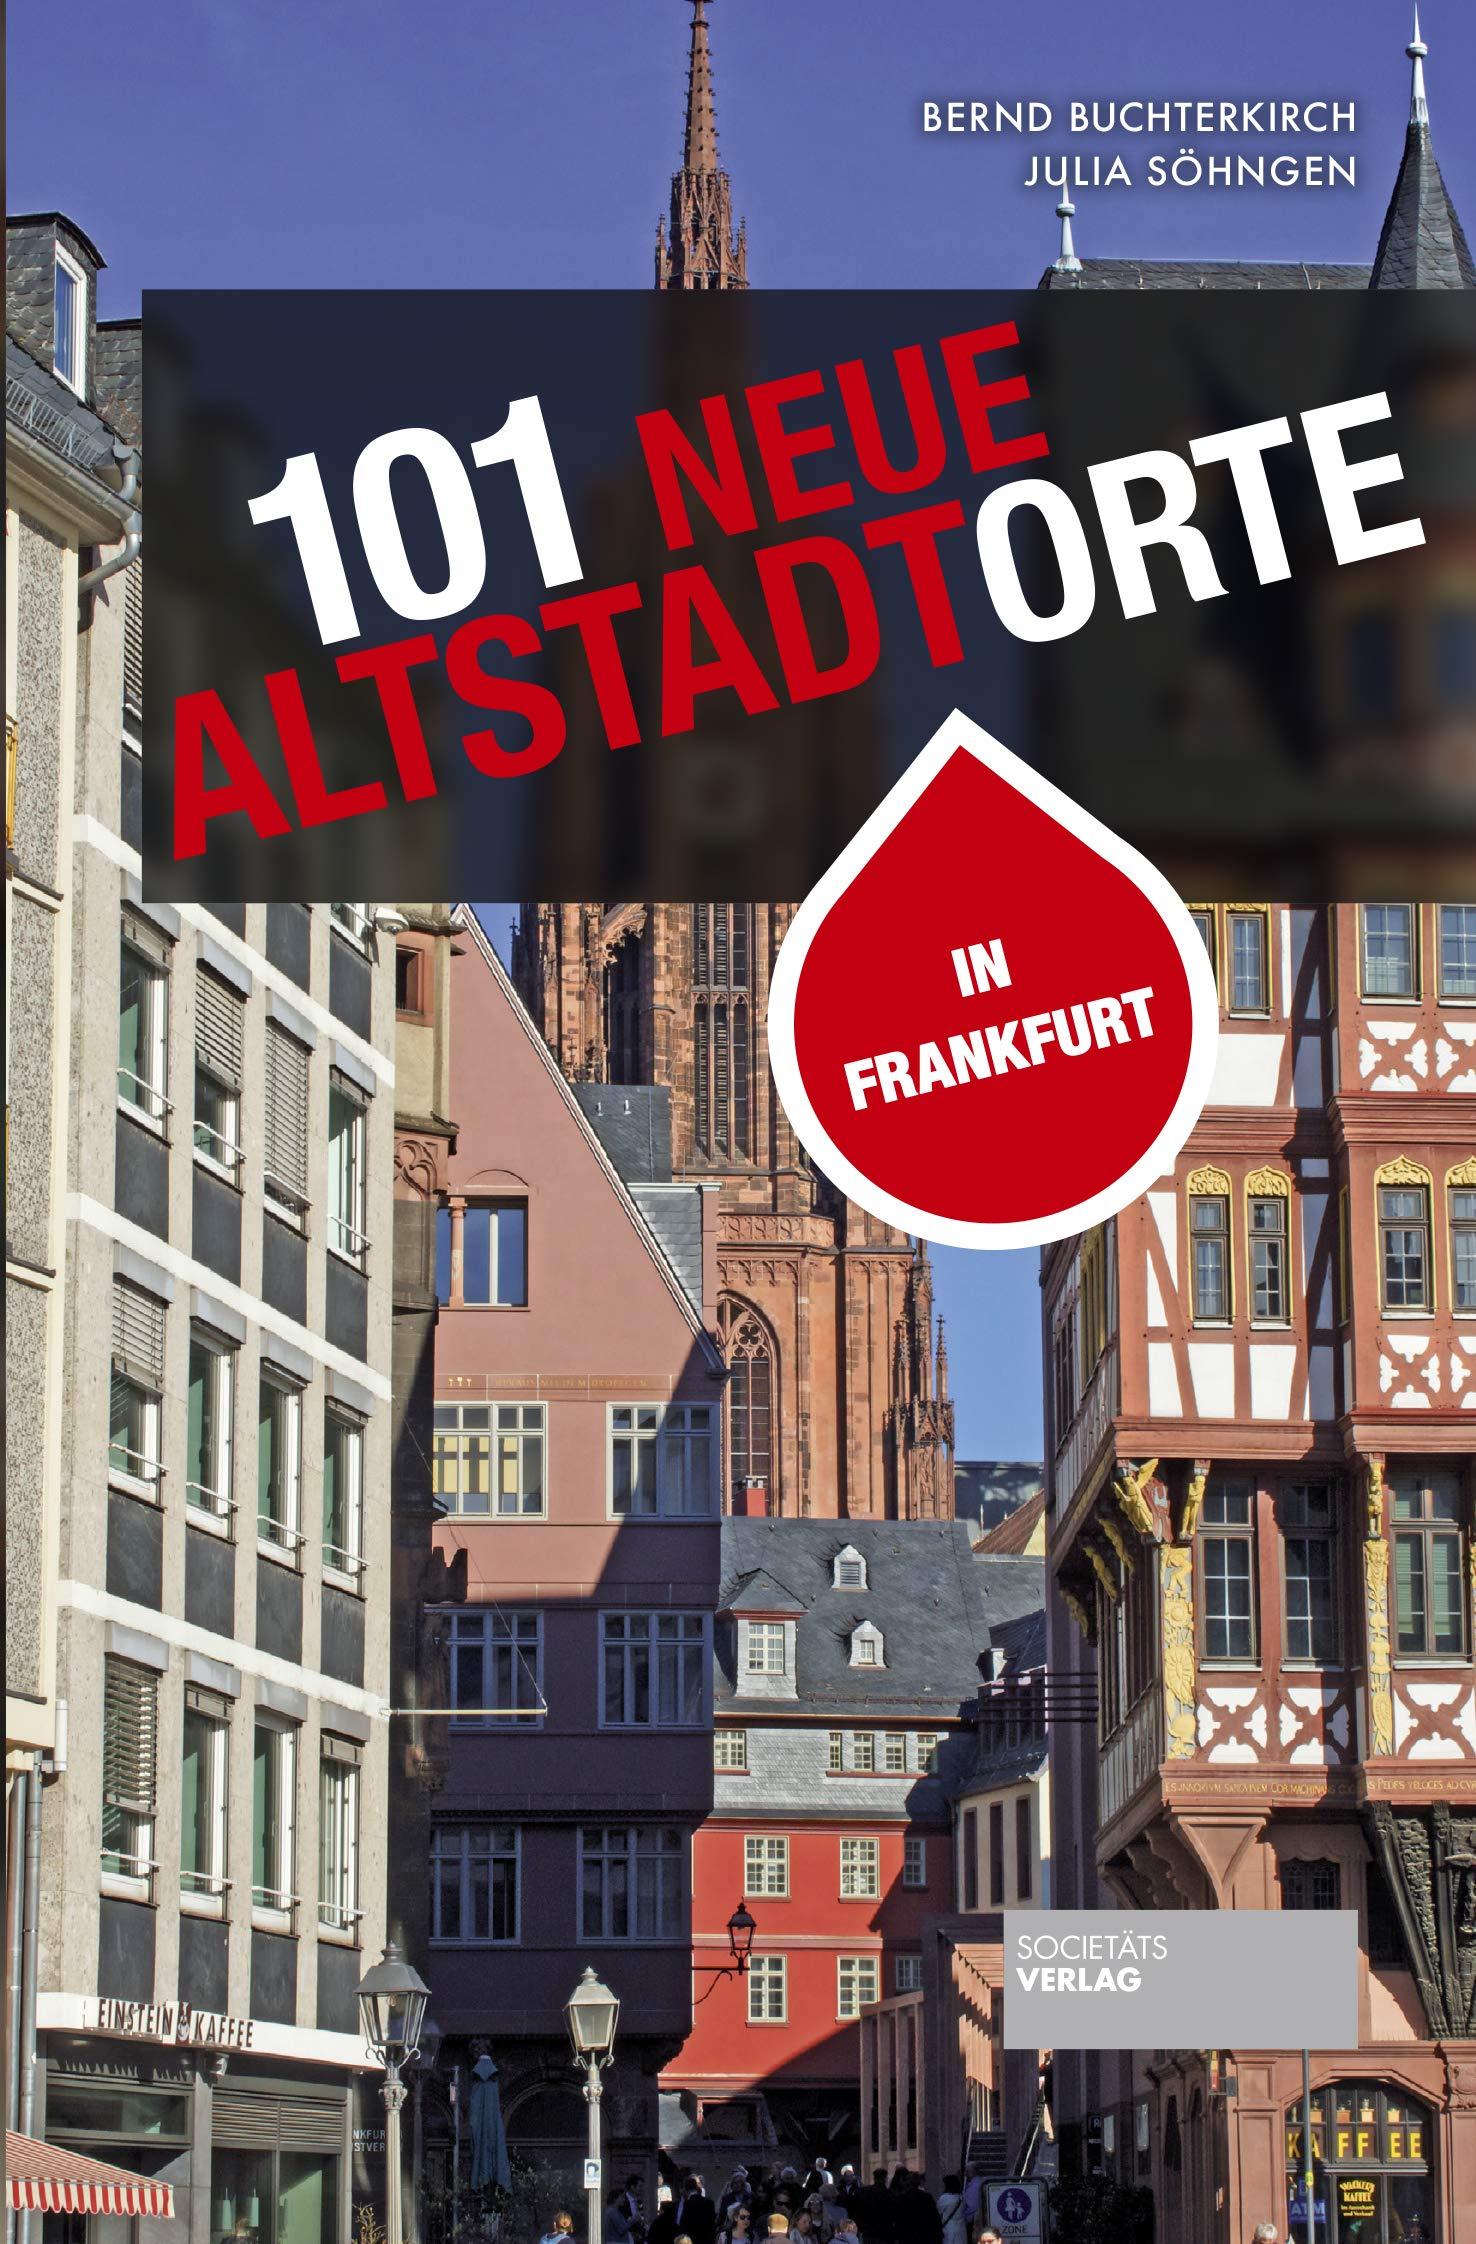 Full Size of 101 Neue Altstadtorte In Frankfurt Stadtfhrer Der Altstadt Sowie Gebrauchte Betten Regale Küche Einbauküche Fenster Kaufen Küchen Regal Verkaufen Wohnzimmer Gebrauchte Küchen Frankfurt